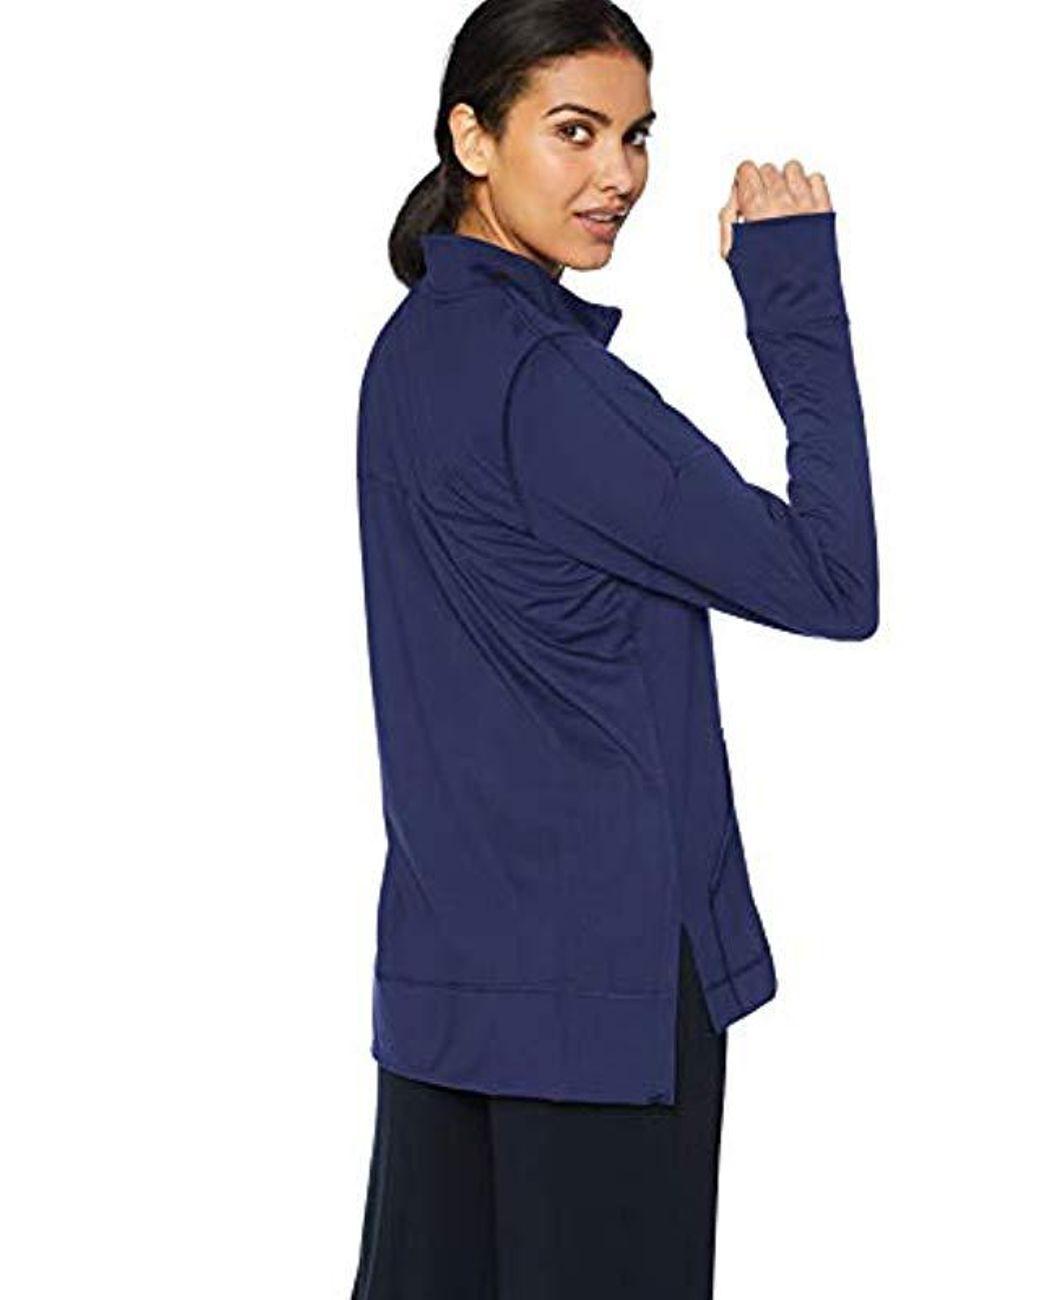 N Natori Womens Brushed Jersey Top